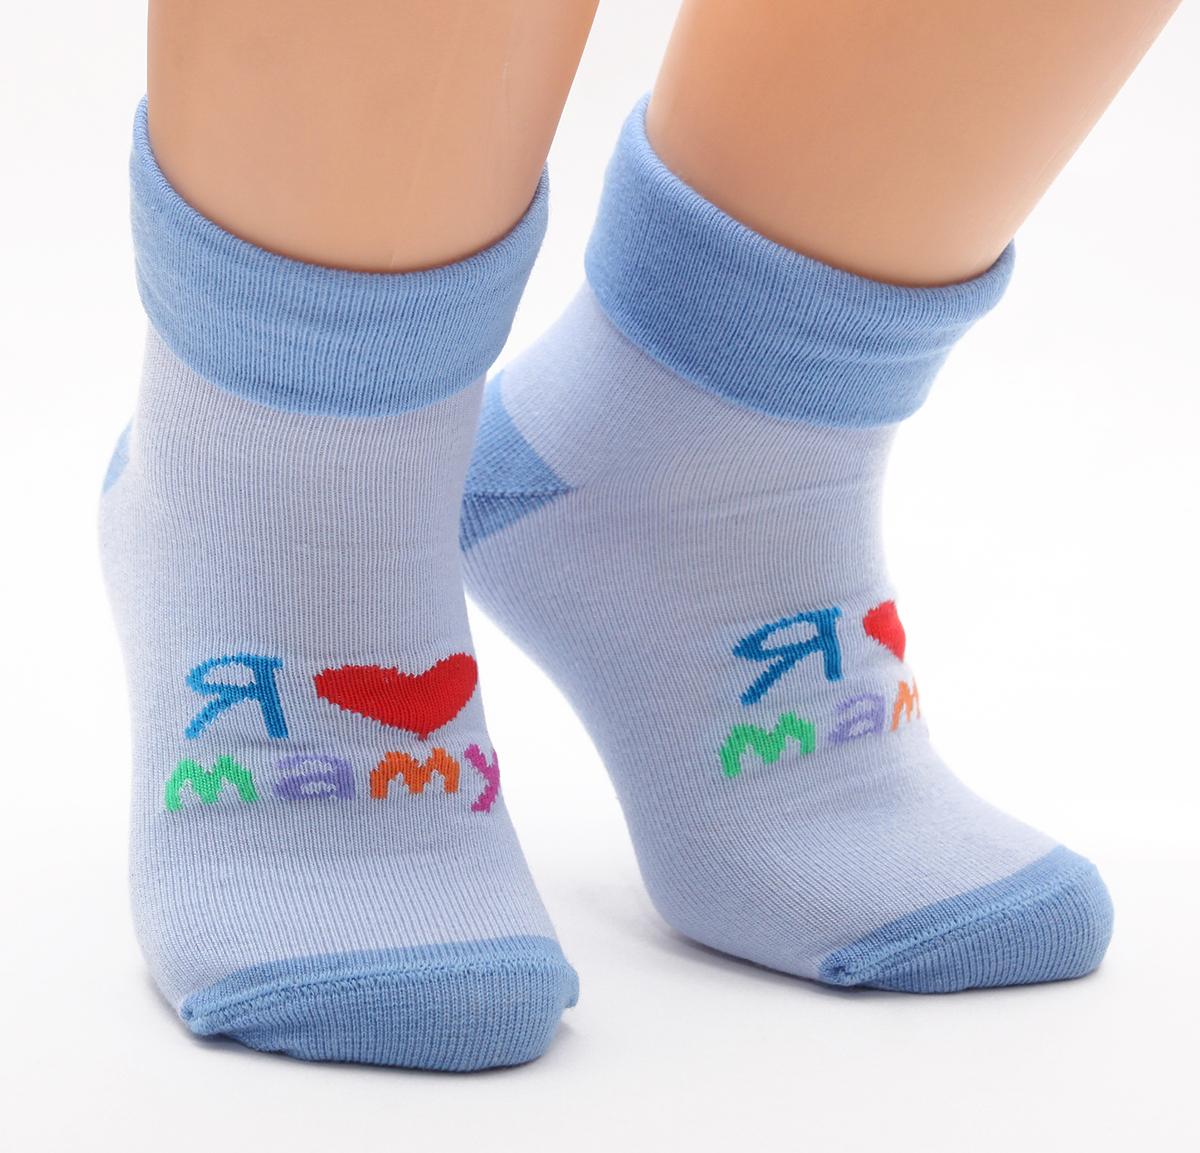 Носки детские Touch Gold, цвет: голубой. 125. Размер 0-12 месяцев125Детские носочки изготовлены из высококачественного хлопка. Мягкая широкая резинка, не перетягивает ножку.